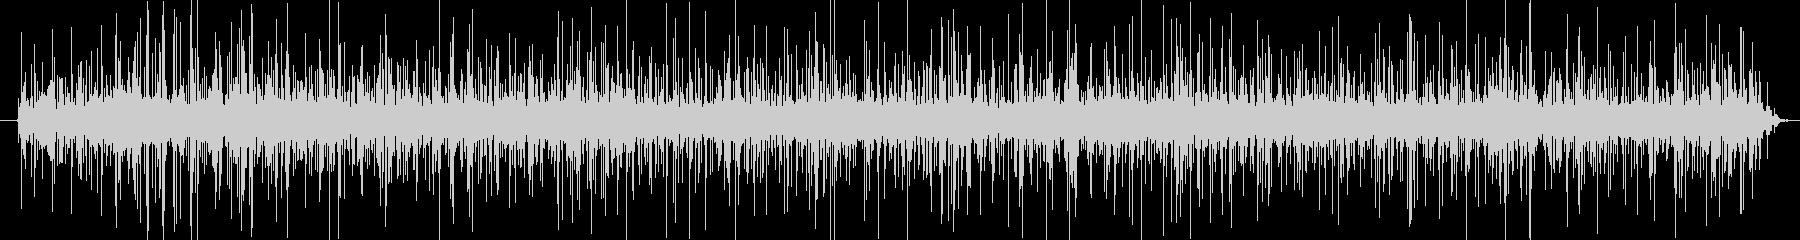 揚げ物の音(静かに揚げている)の未再生の波形